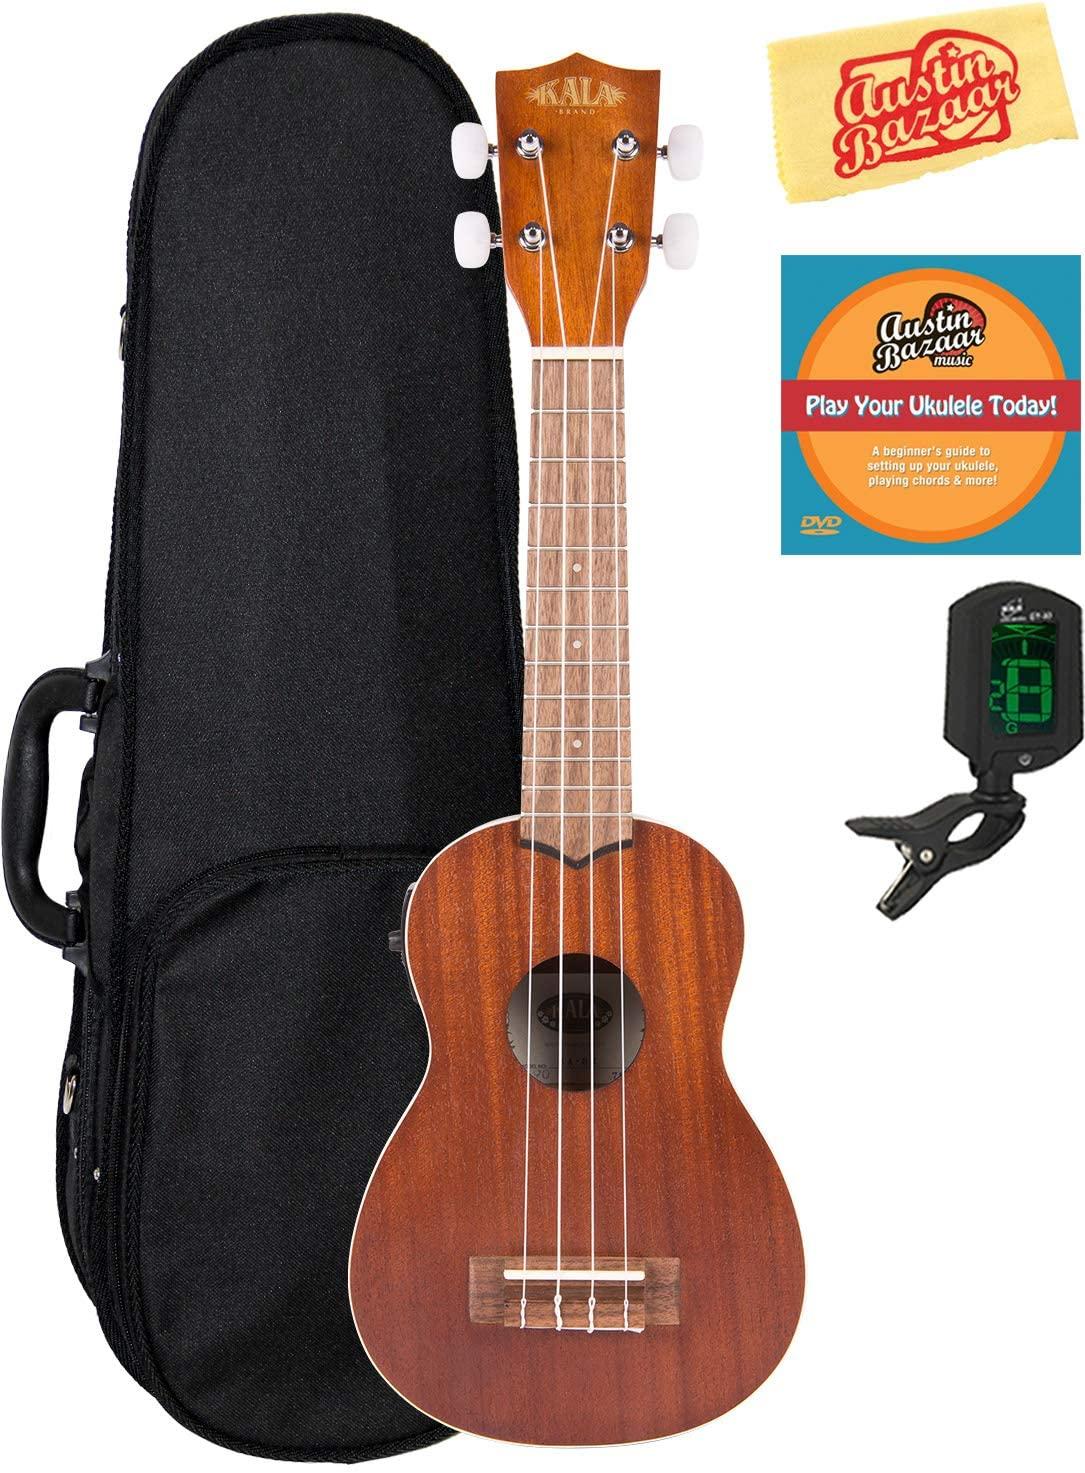 Kala KA-SE Satin Mahogany Soprano Acoustic-Electric Ukulele Bundle with Hard Case, Tuner, Austin Bazaar Instructional DVD, and Polishing Cloth